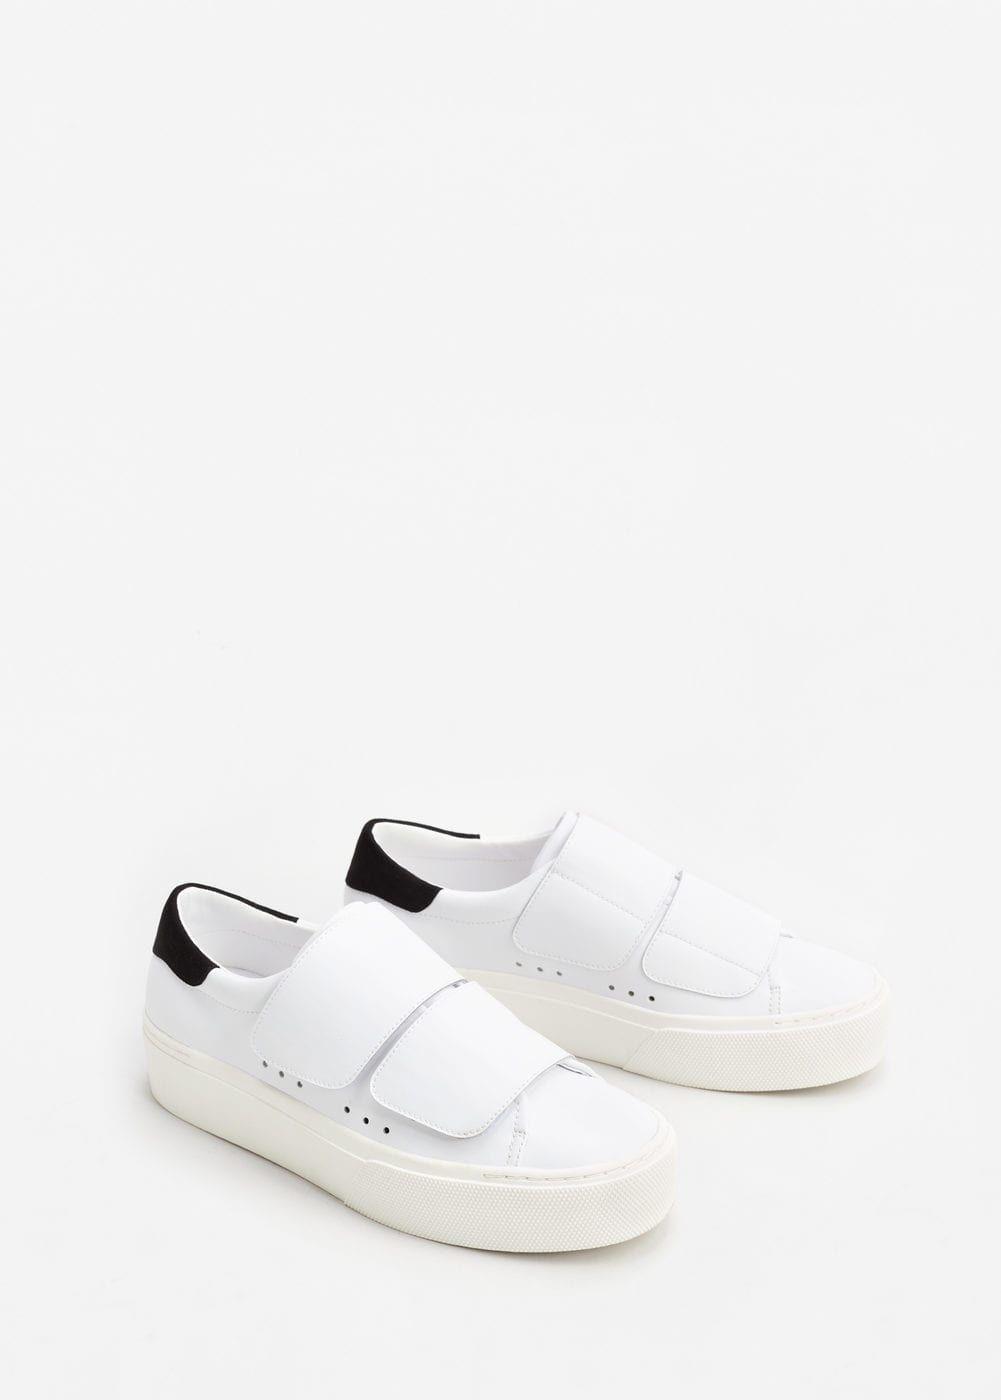 Zapatos blancos Huran para mujer talla 23 U4vTzuvZct